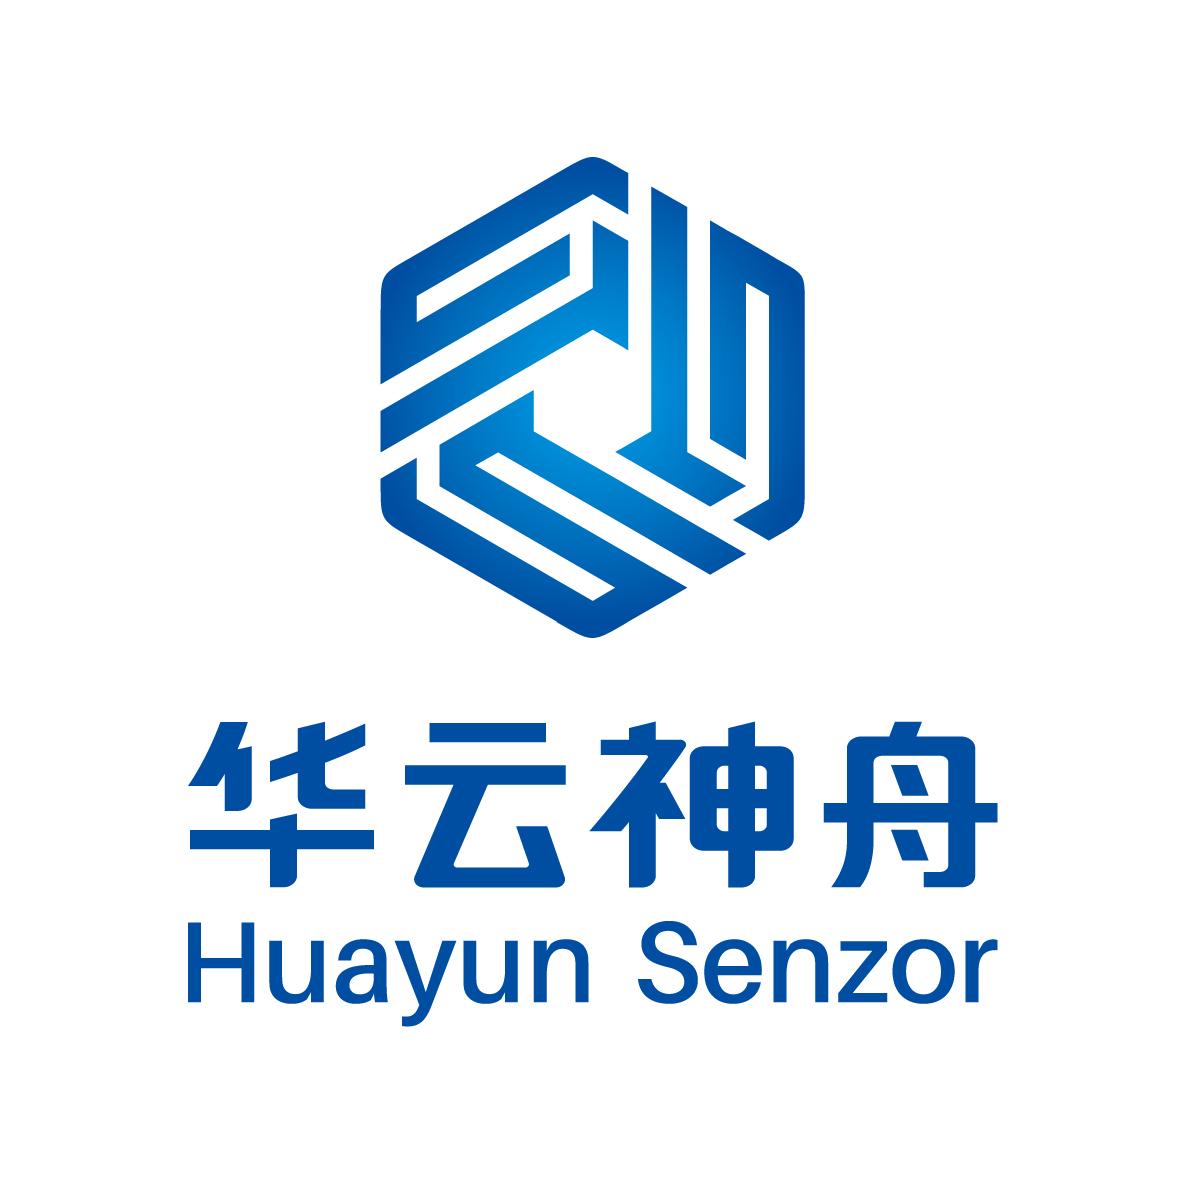 廣東華云神舟科技股份有限公司